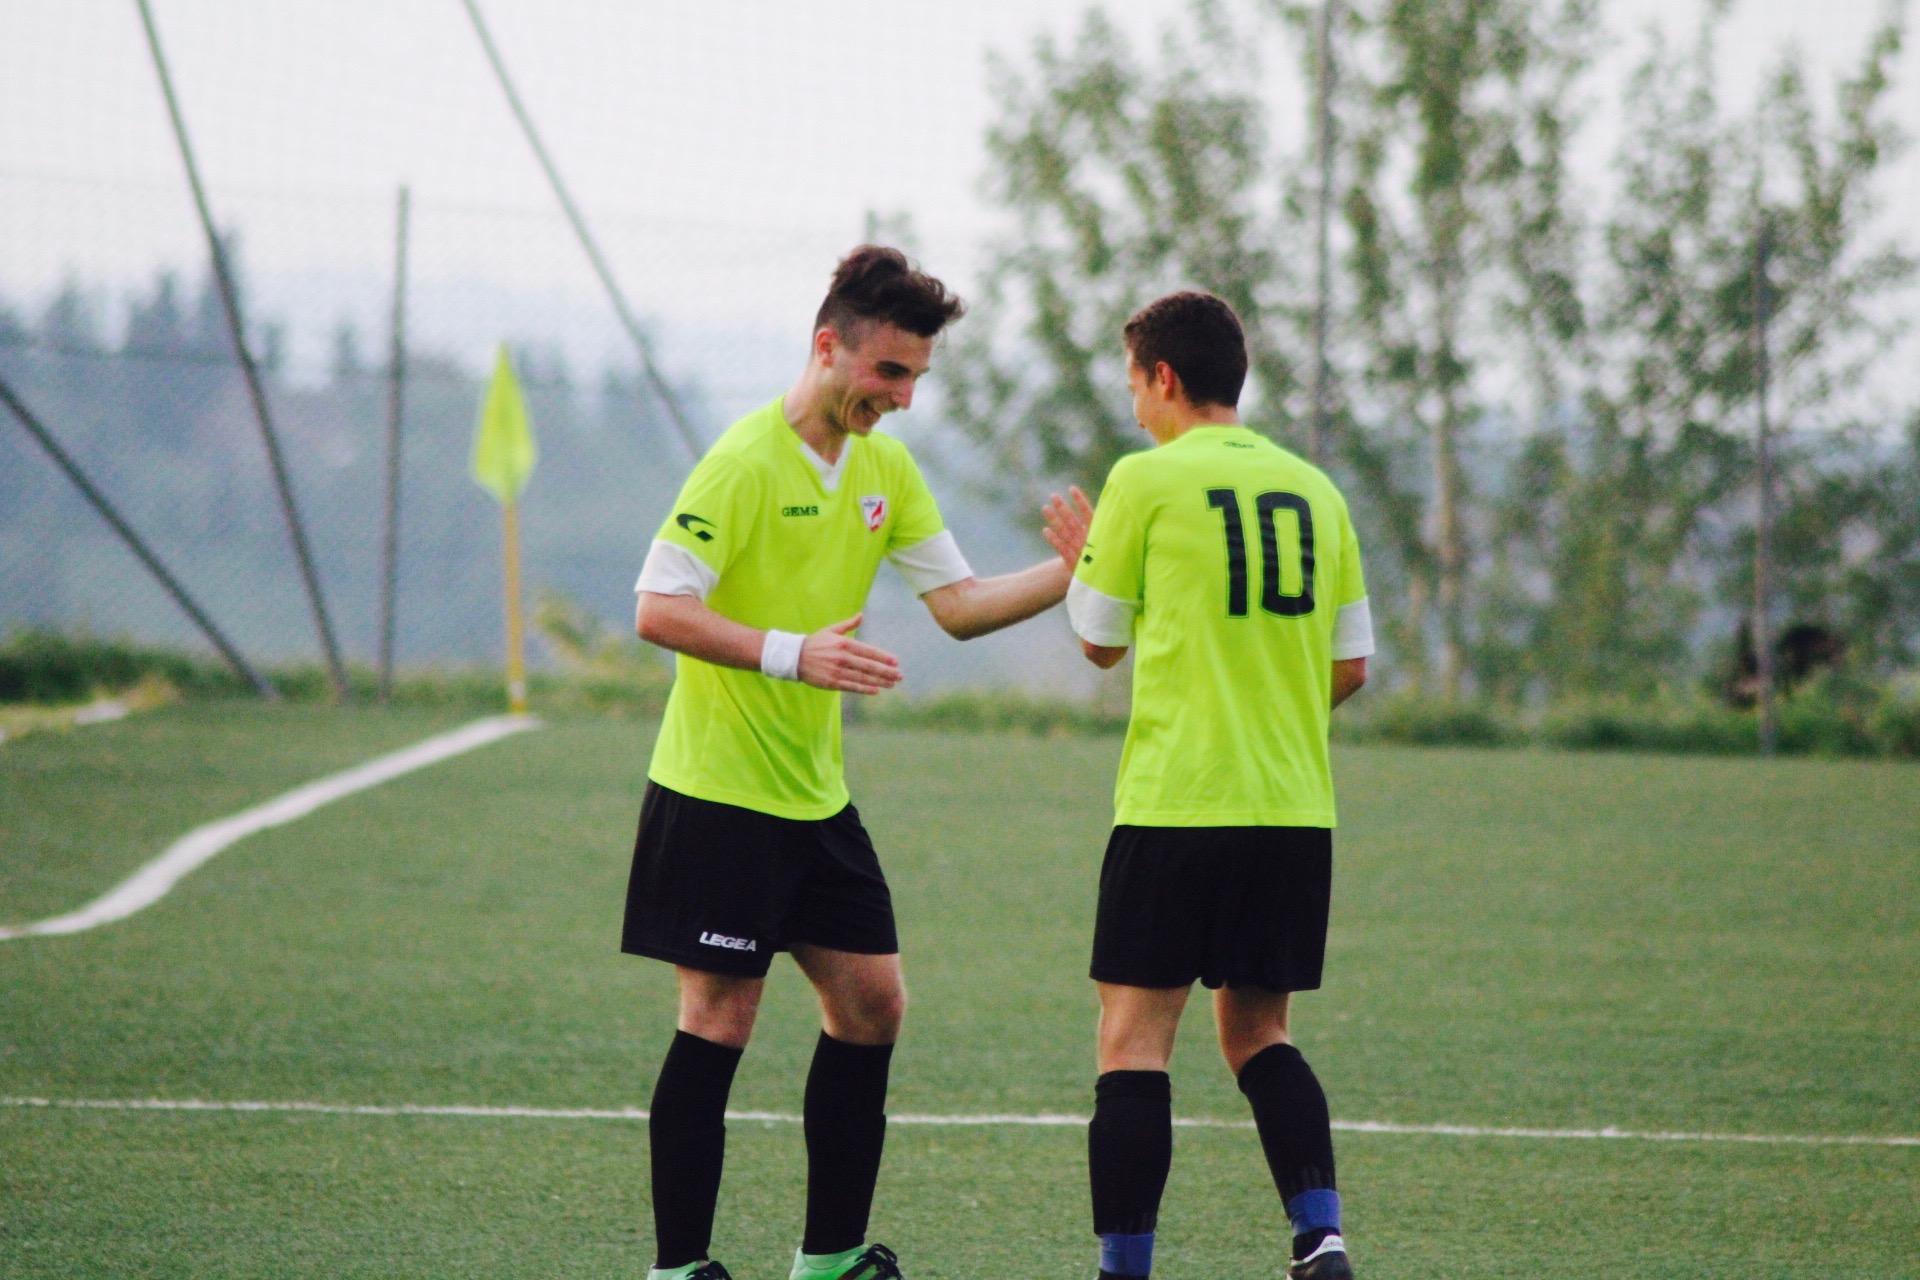 Torneo del chianti belmonte a punteggio pieno cinquina - Bagno a ripoli calcio ...